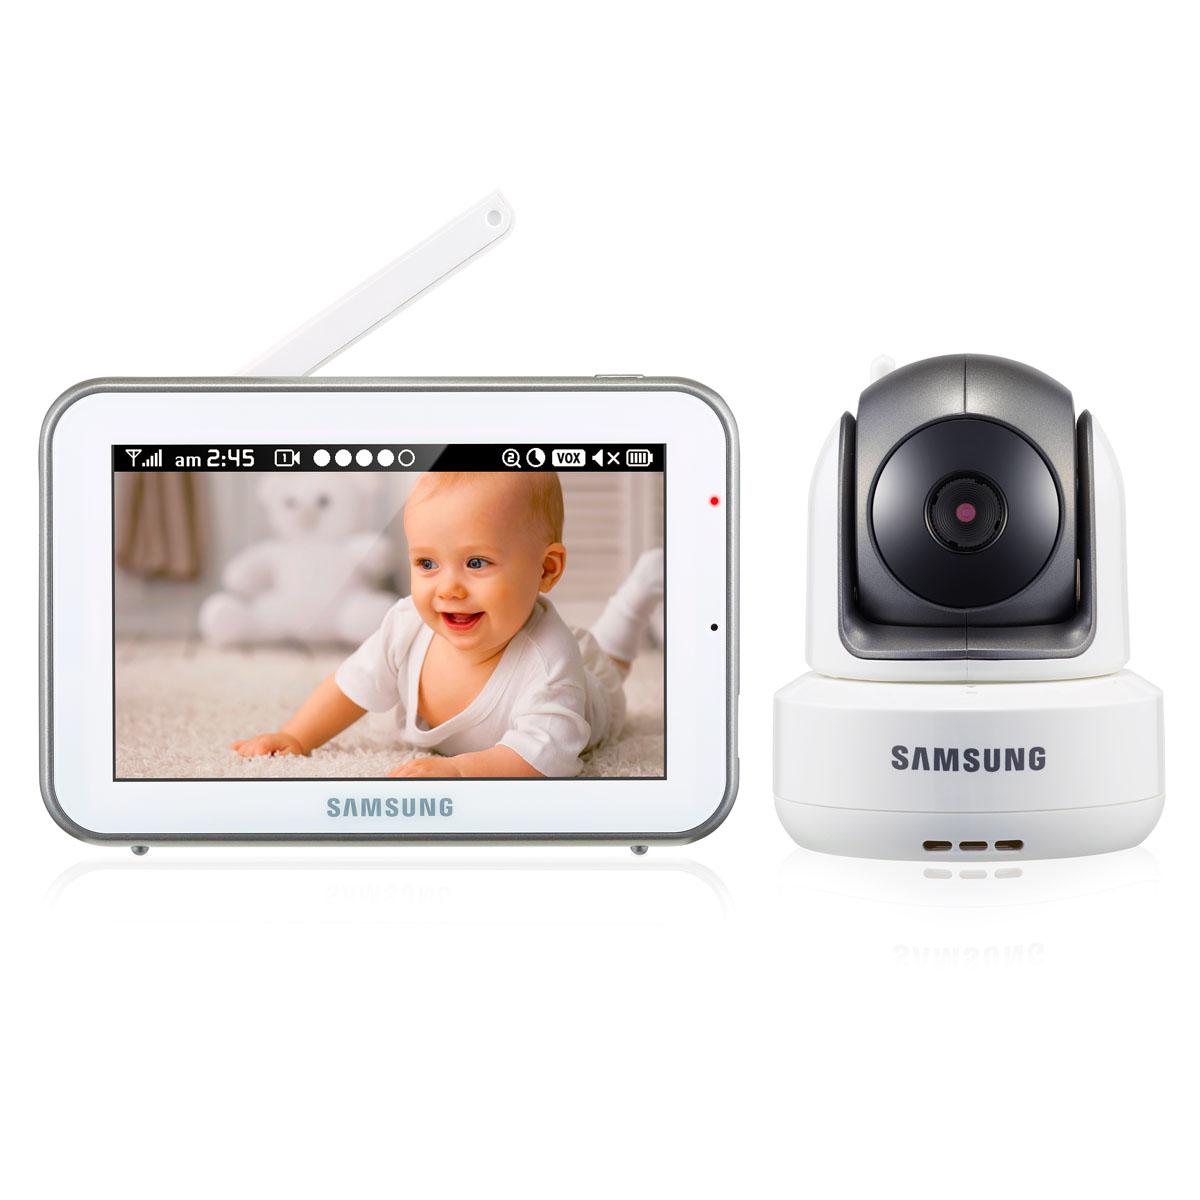 Samsung Видеоняня SEW-3043WPSEW-3043WPНовинка! Цифровая, дальность 300 м. Высокое качество изображения и звука. Камера HD 720p. Монитор 800х480px. Поворотная камера угол поворота по ширине 300 градусов, по высоте 110. Дисплей 12,7 см (5 дюймов). Сенсорный экран. Двухсторонняя связь, колыбельные, VOX, ночное видение. Подавление помех.